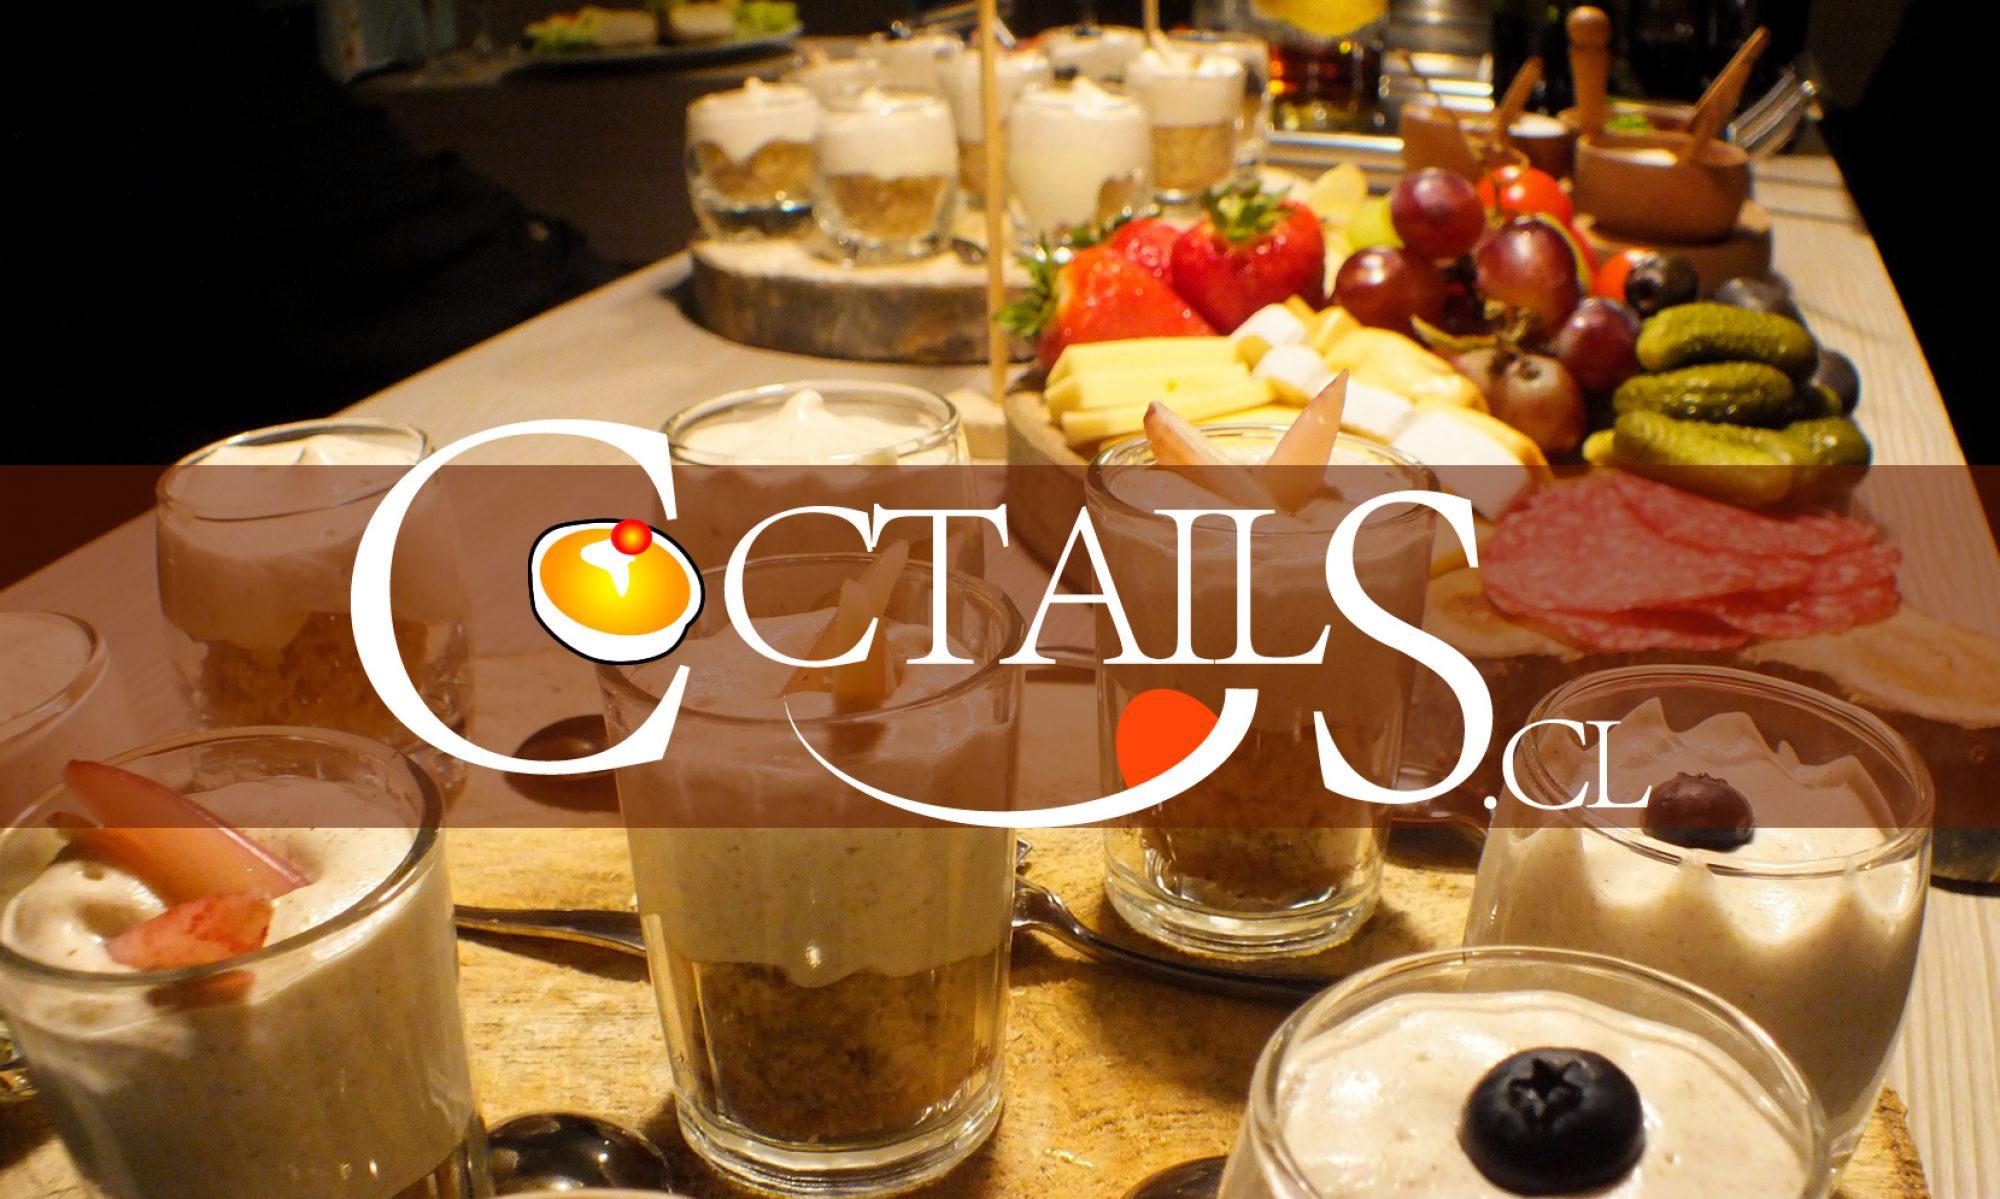 Coctails.cl